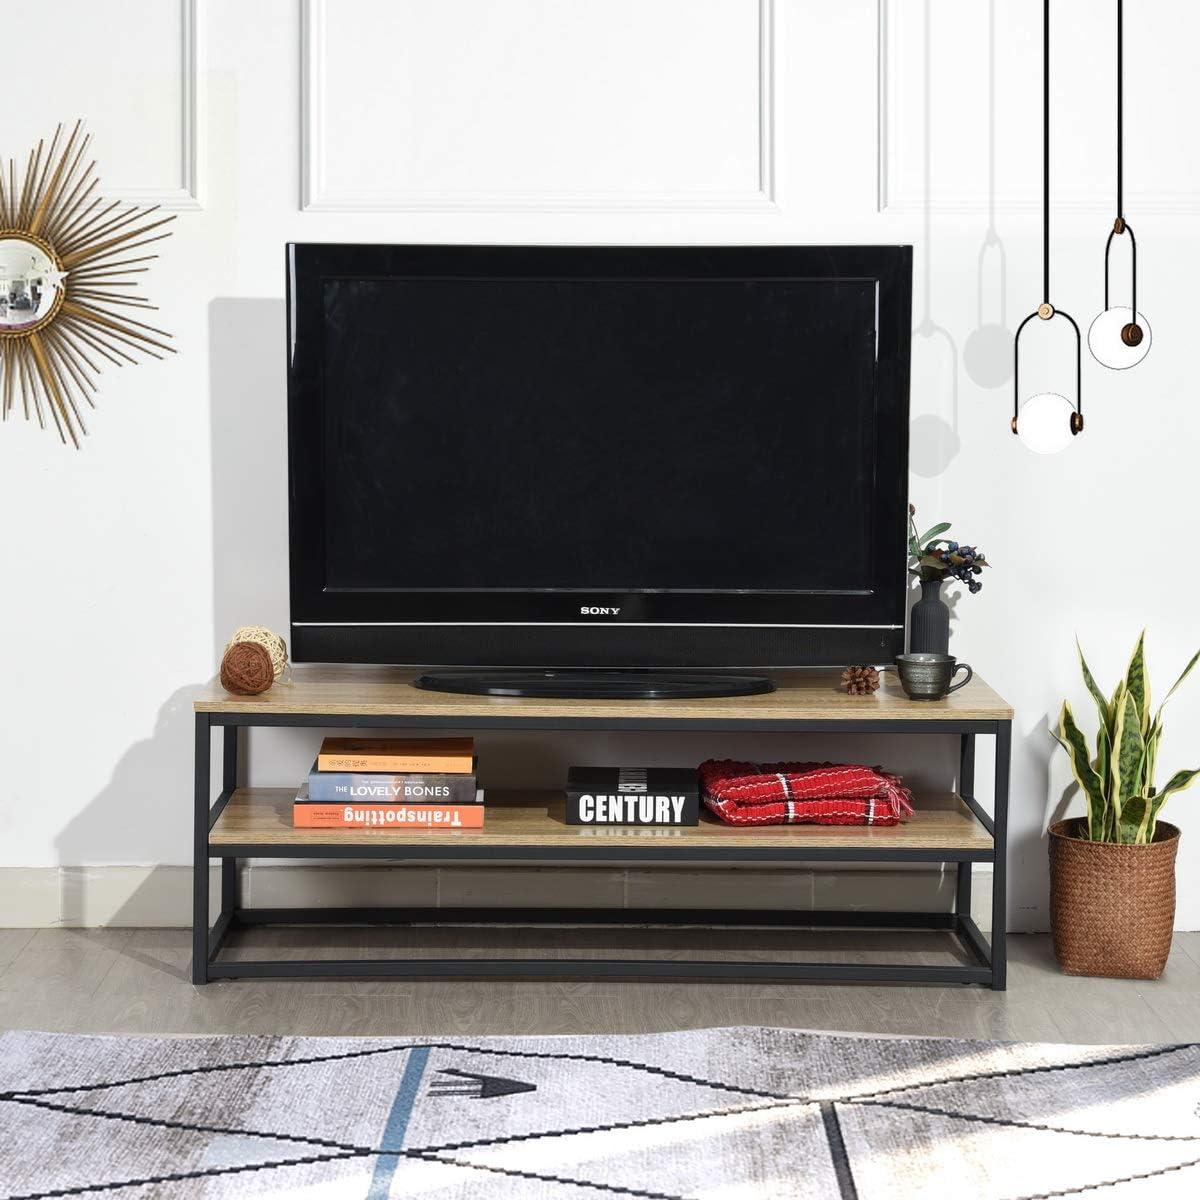 Furnish1 - Mueble de TV multifunción para mesa baja auxiliar (120 x 40 x 42 cm), diseño de 3 estantes de panel acabado de madera y metal pintado, color negro: Amazon.es: Hogar